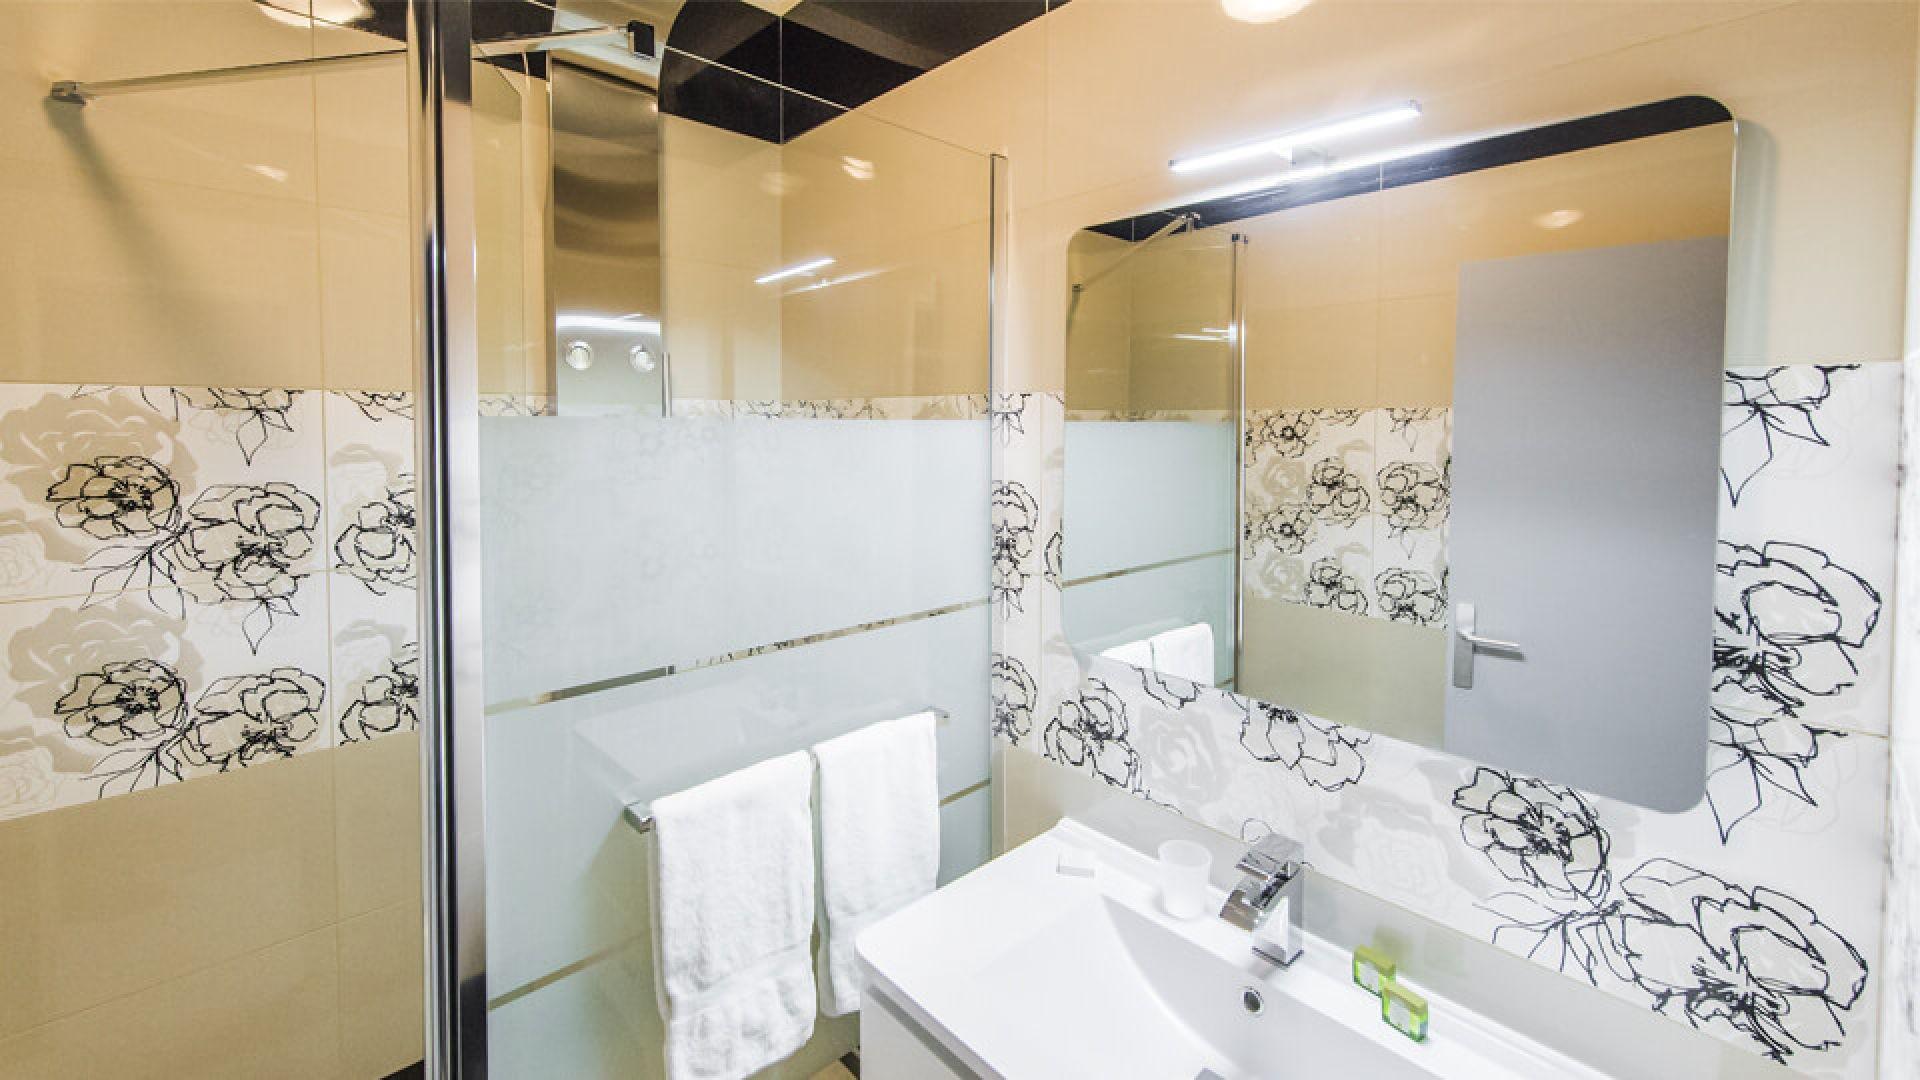 Salle De Bain Douche ~ salle de bains quelle douche choisir italienne bac cabine